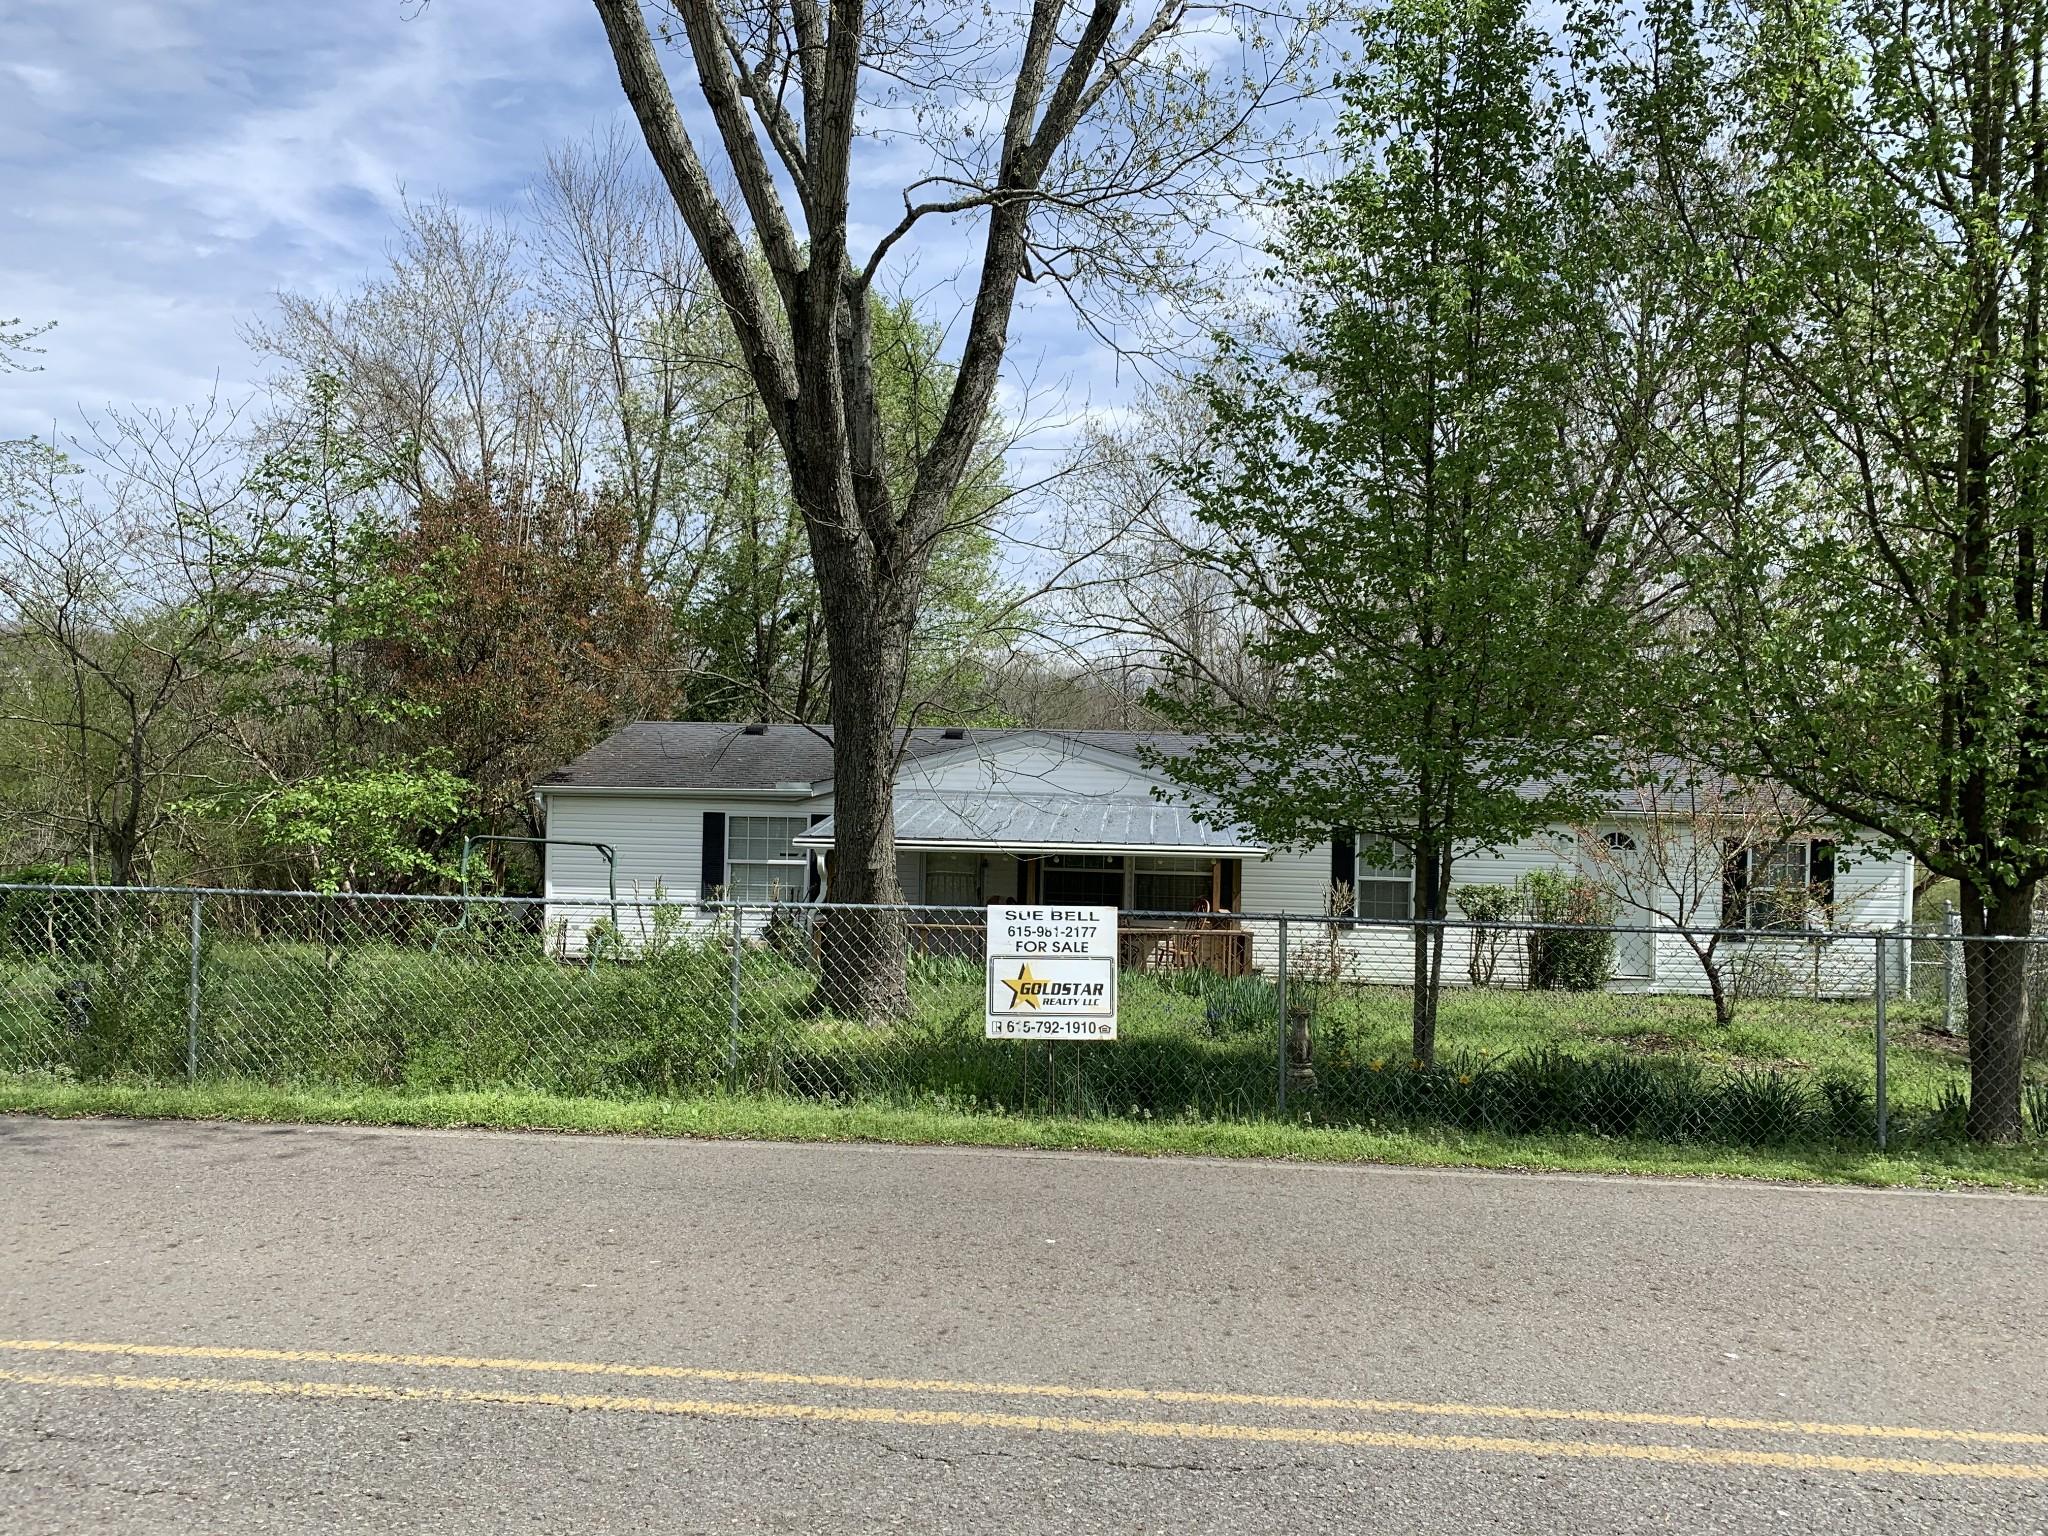 182 Hillcrest Rd, Kingston Springs, TN 37082 - Kingston Springs, TN real estate listing